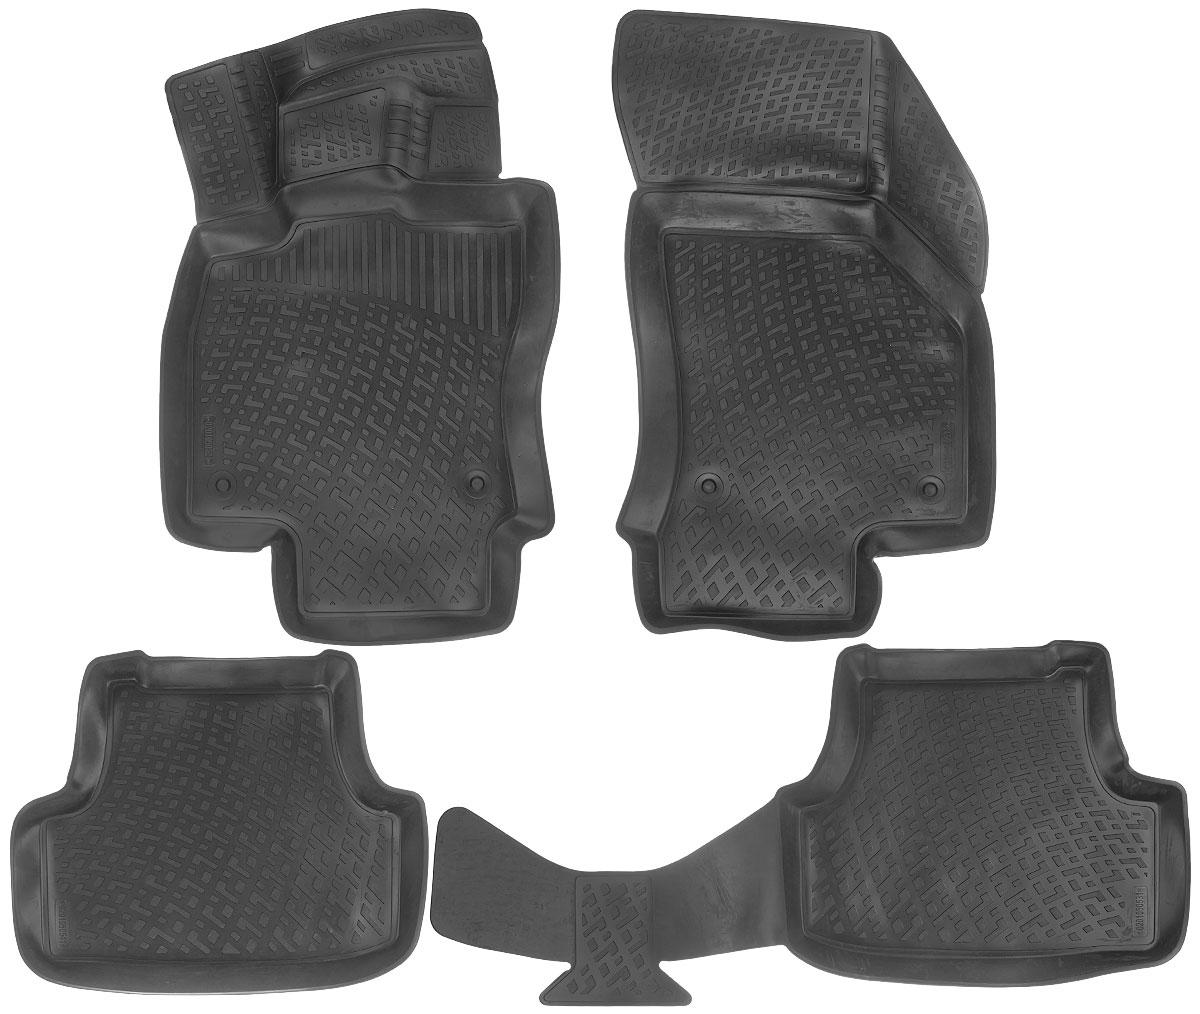 Набор автомобильных ковриков L.Locker Volkswagen Golf (7) 2012, в салон, 4 шт0201050501Набор L.Locker Volkswagen Golf (7) 2012, изготовленный из полиуретана, состоит из 4 ковриков, которые производятся индивидуально для каждой модели автомобиля. Изделие точно повторяет геометрию пола автомобиля, имеет высокий борт, обладает повышенной износоустойчивостью, лишено резкого запаха и сохраняет свои потребительские свойства в широком диапазоне температур от -50°С до +80°С. Комплектация: 4 шт. Размер ковриков: 87 см х 53 см; 57 см х 46 см; 104 см х 47 см; 84 см х 50 см.